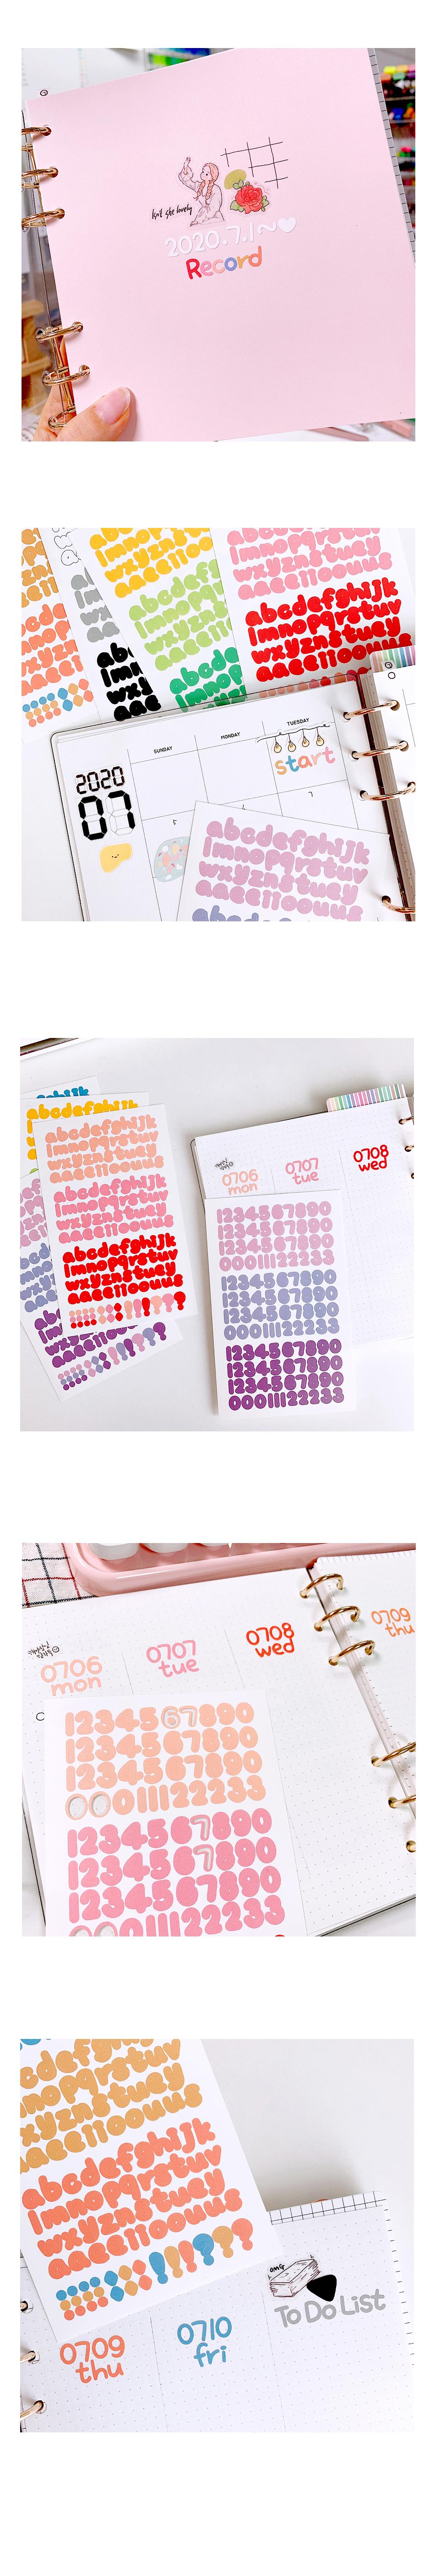 (15종세트) 3컬러 손글씨 알파벳 숫자 씰스티커24,000원-랄라예나디자인문구, 데코레이션, 스티커, 문자/숫자 스티커바보사랑(15종세트) 3컬러 손글씨 알파벳 숫자 씰스티커24,000원-랄라예나디자인문구, 데코레이션, 스티커, 문자/숫자 스티커바보사랑